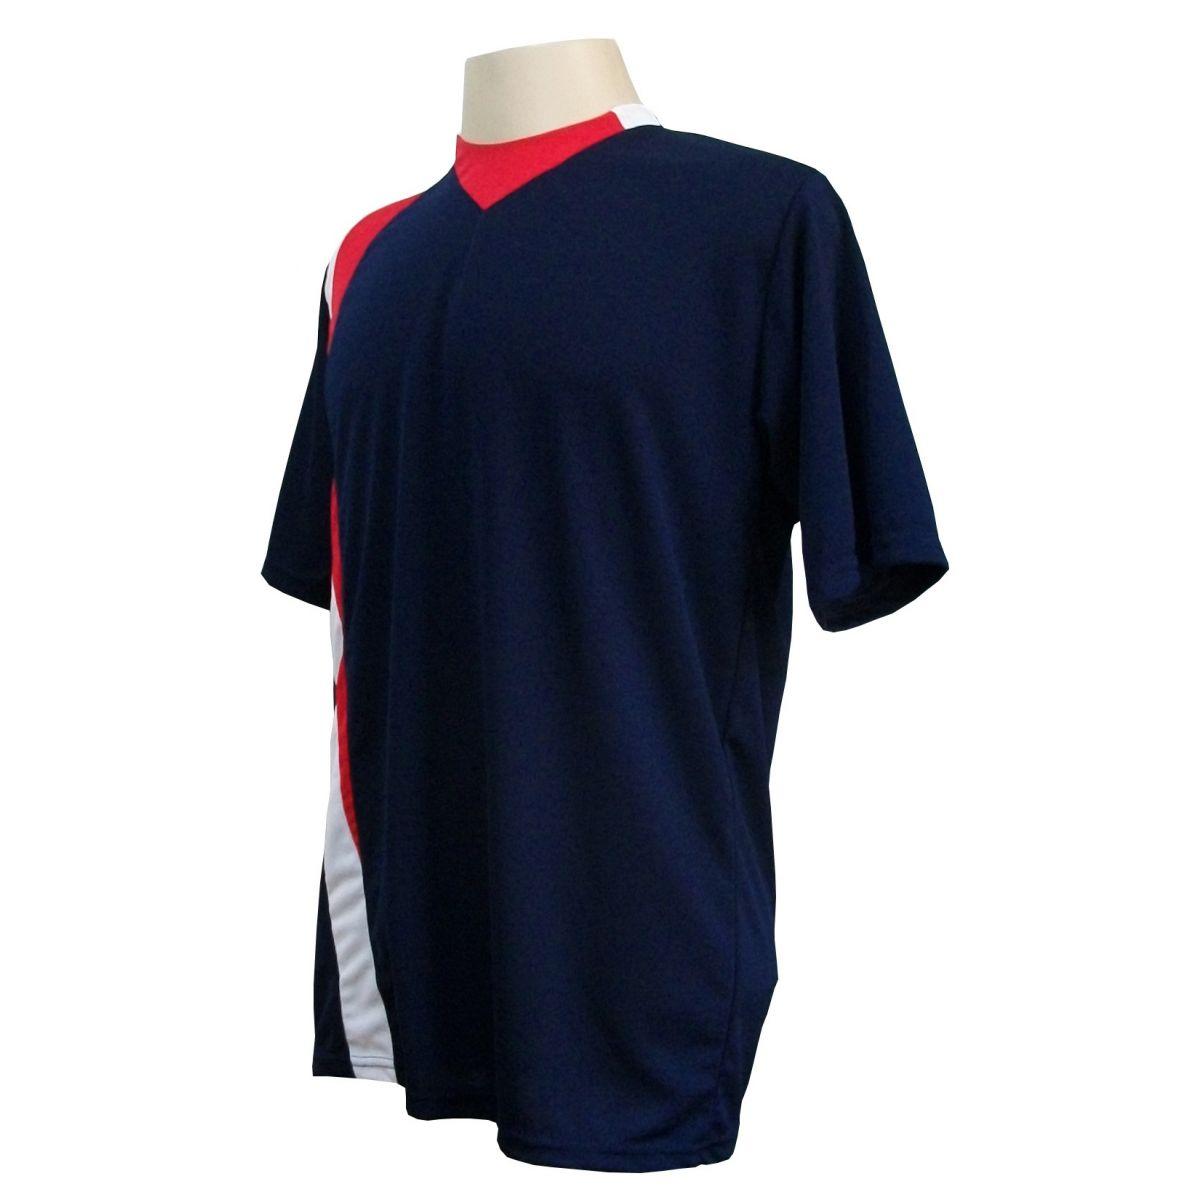 Uniforme Esportivo com 14 camisas modelo PSG Marinho/Vermelho/Branco + 14 calções modelo Madrid Branco + Brindes